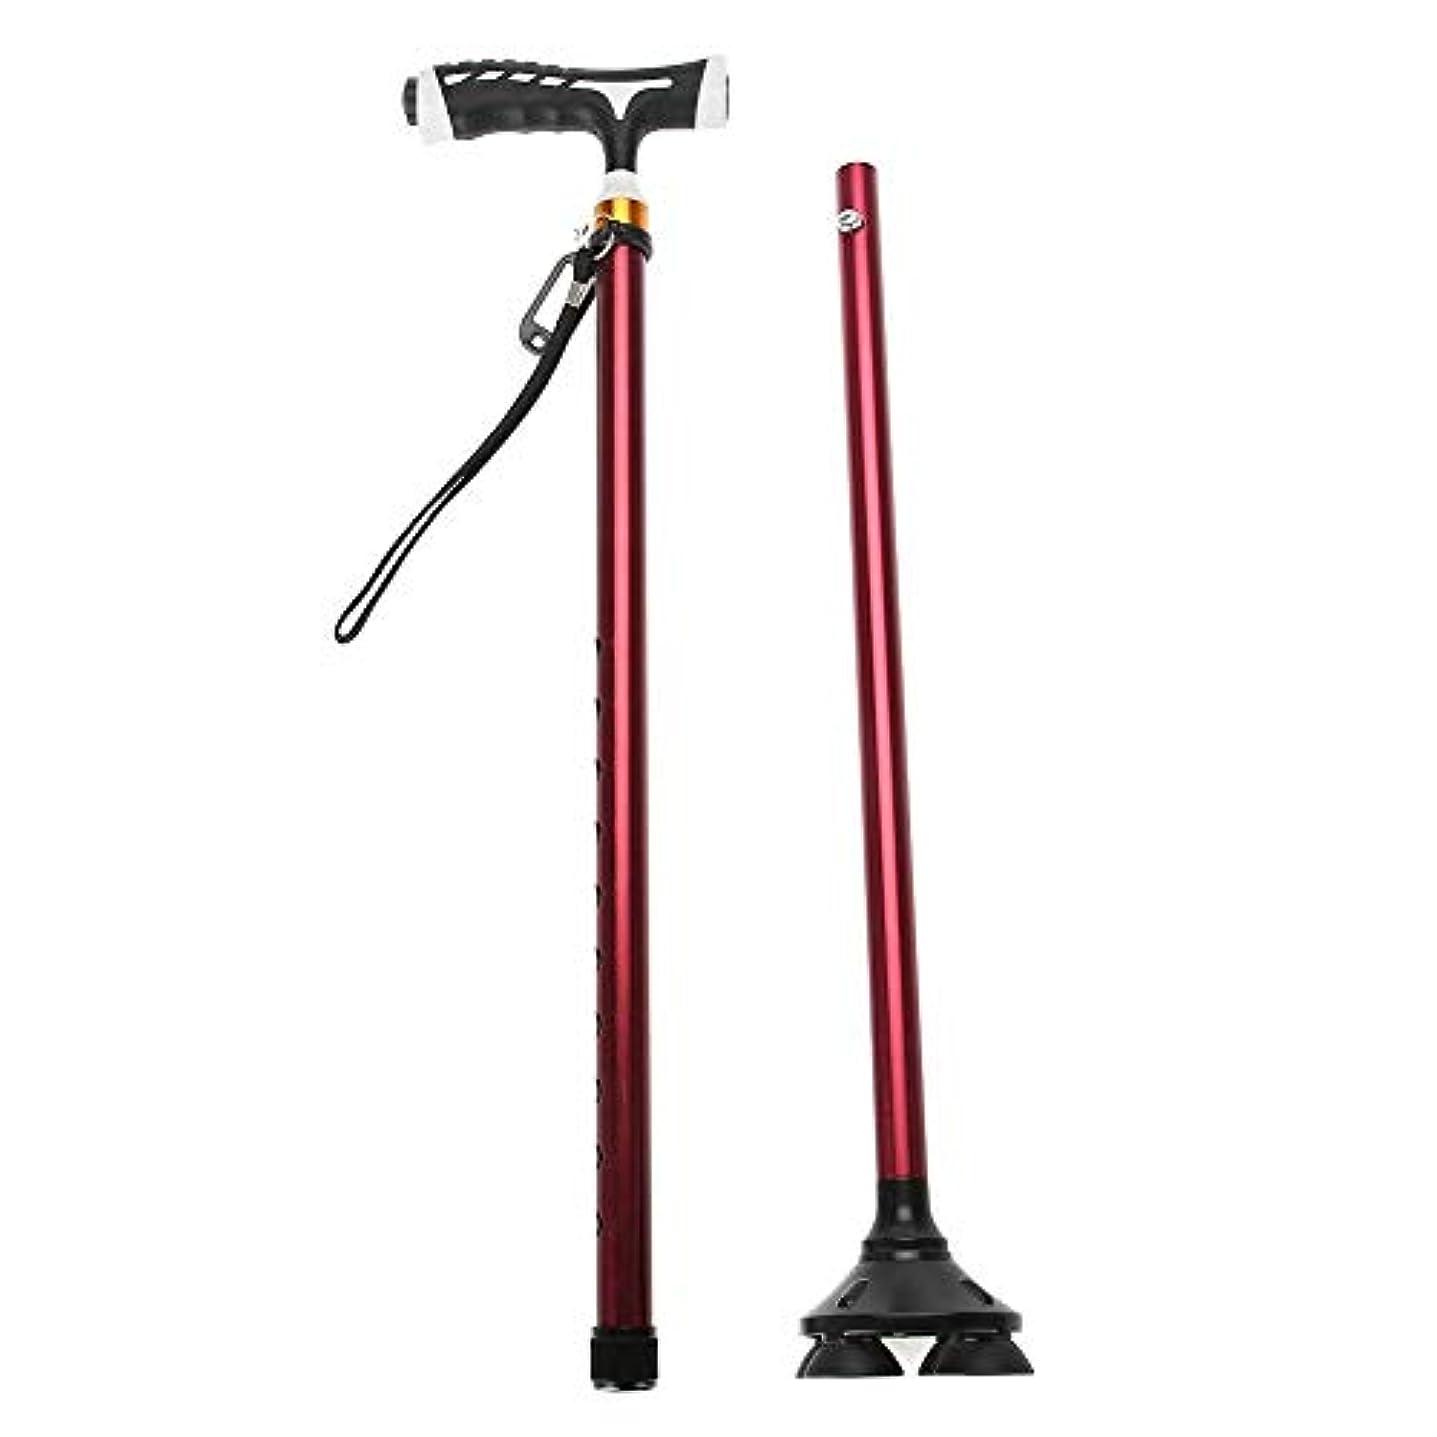 晴れ足活気づく折りたたみ杖 ハンドルが付いている 高さ調節可能 アルミ合金 軽い 4叉 ピボット基盤 導き